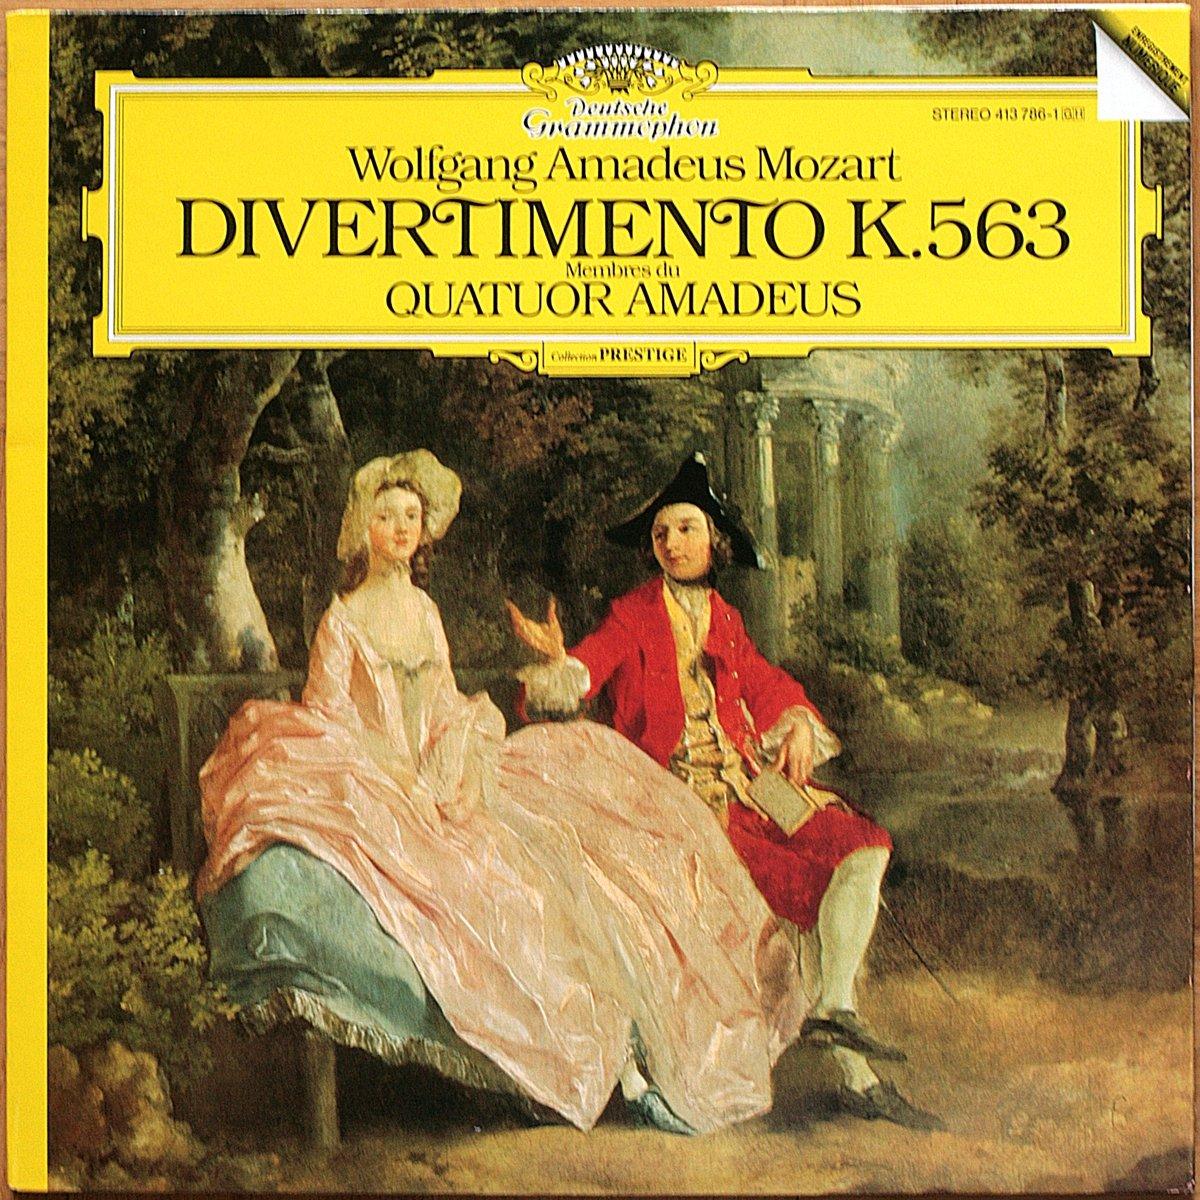 DGG 413 786 Mozart Divertimento KV 563 Digital Aufnahme